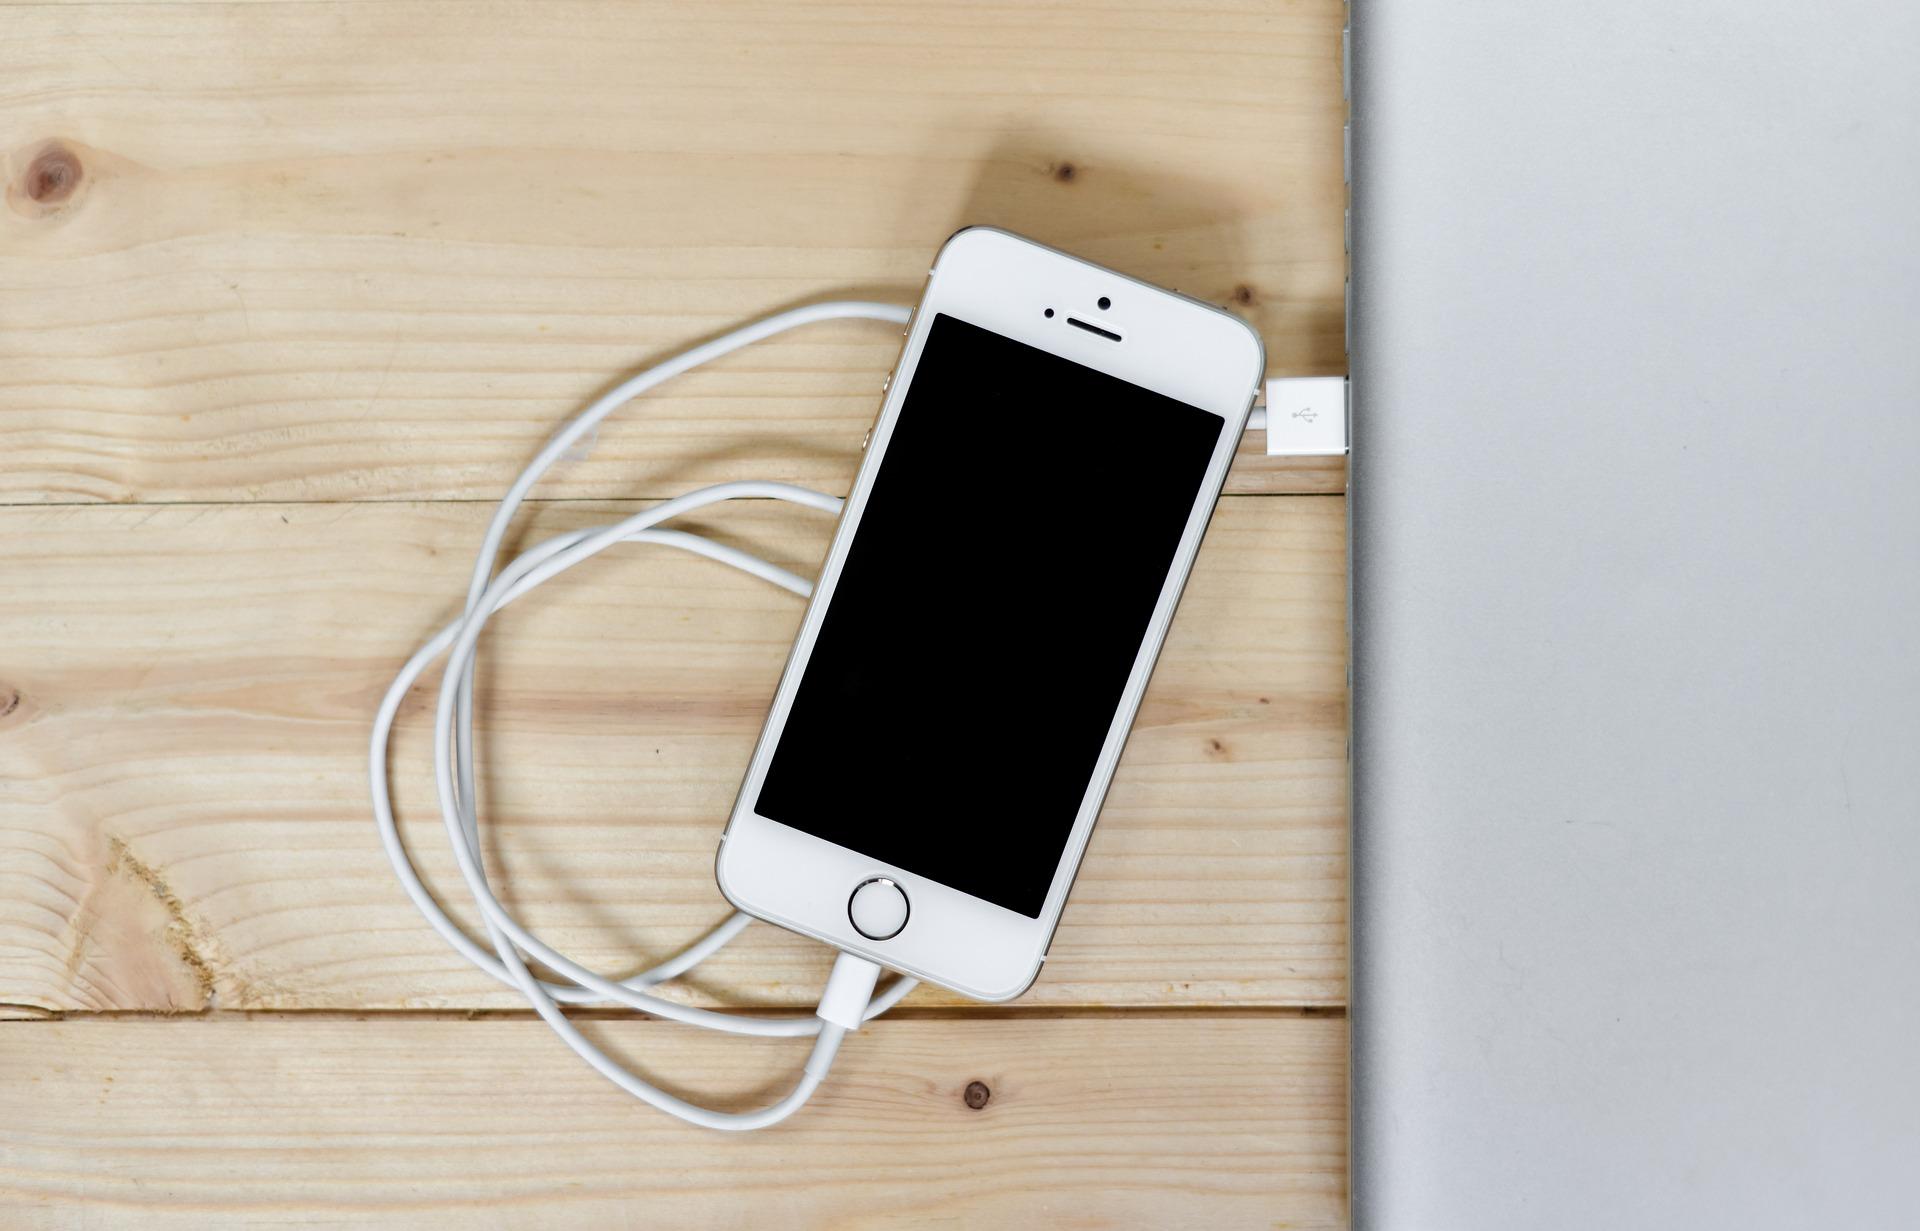 Взламывать телефон научились через провод зарядки